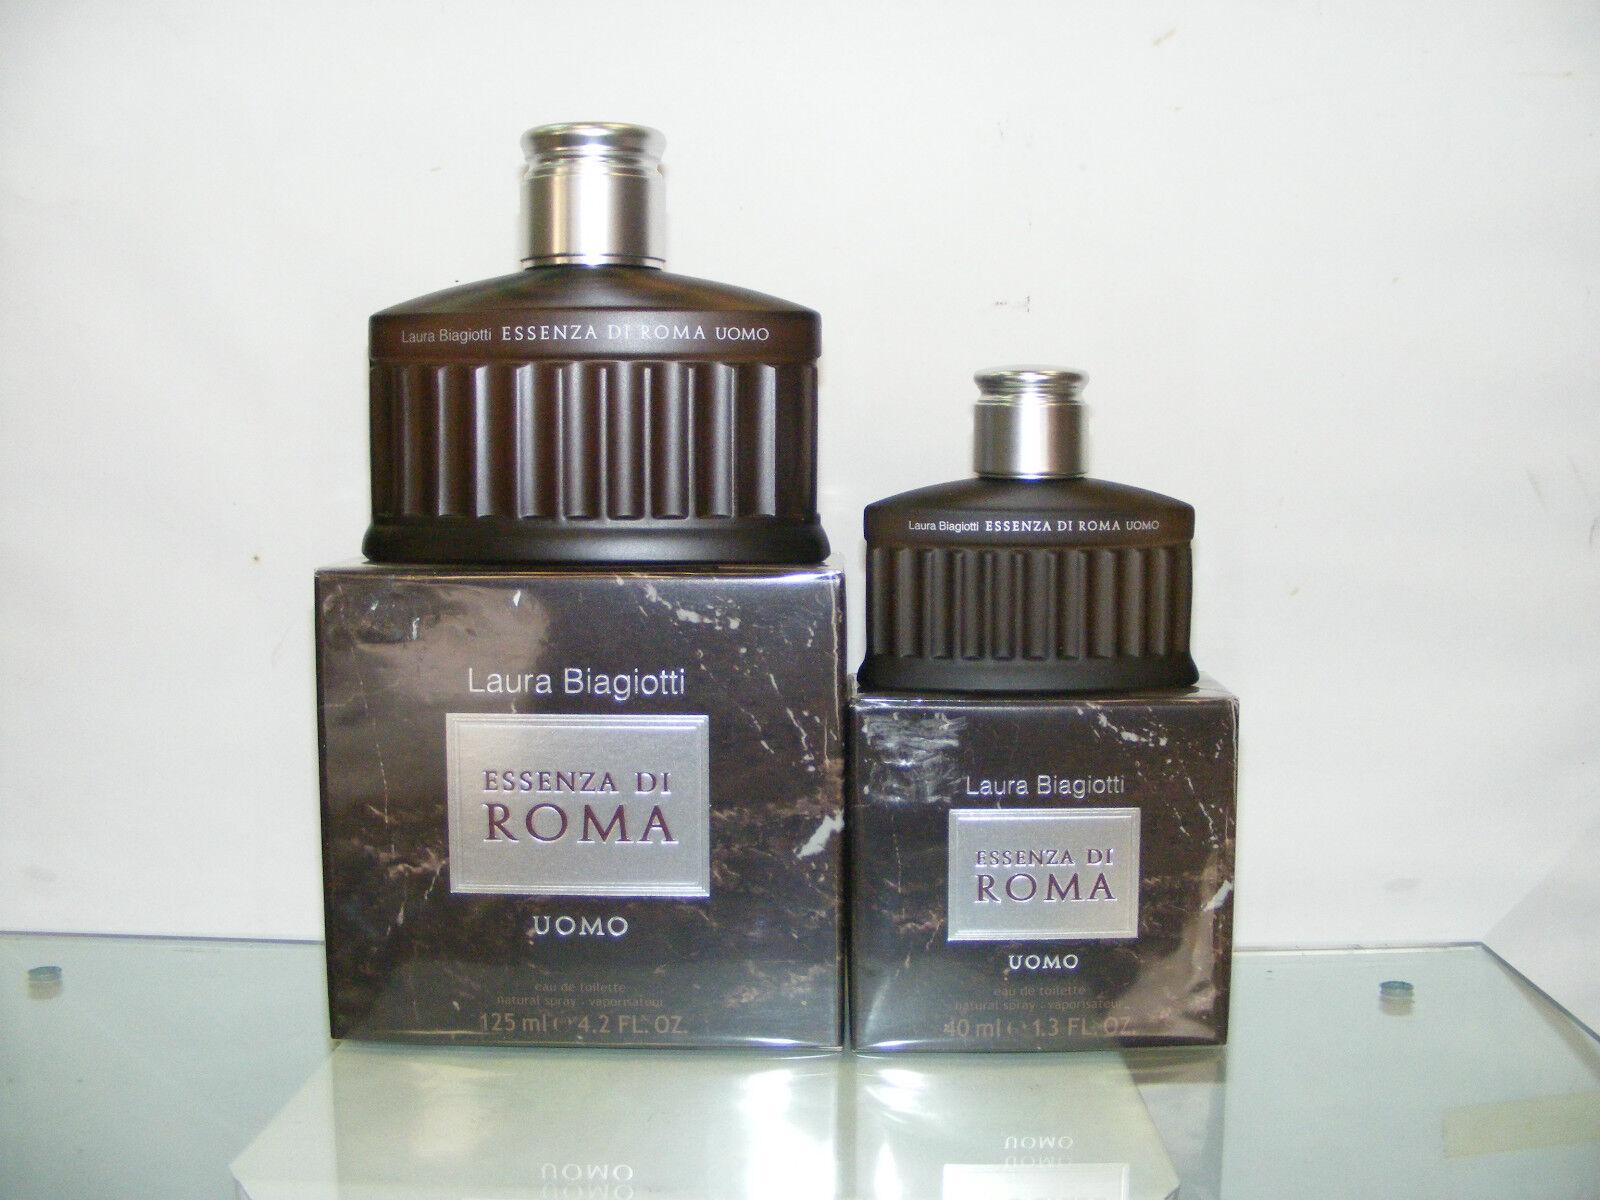 profumo essenza di roma uomo